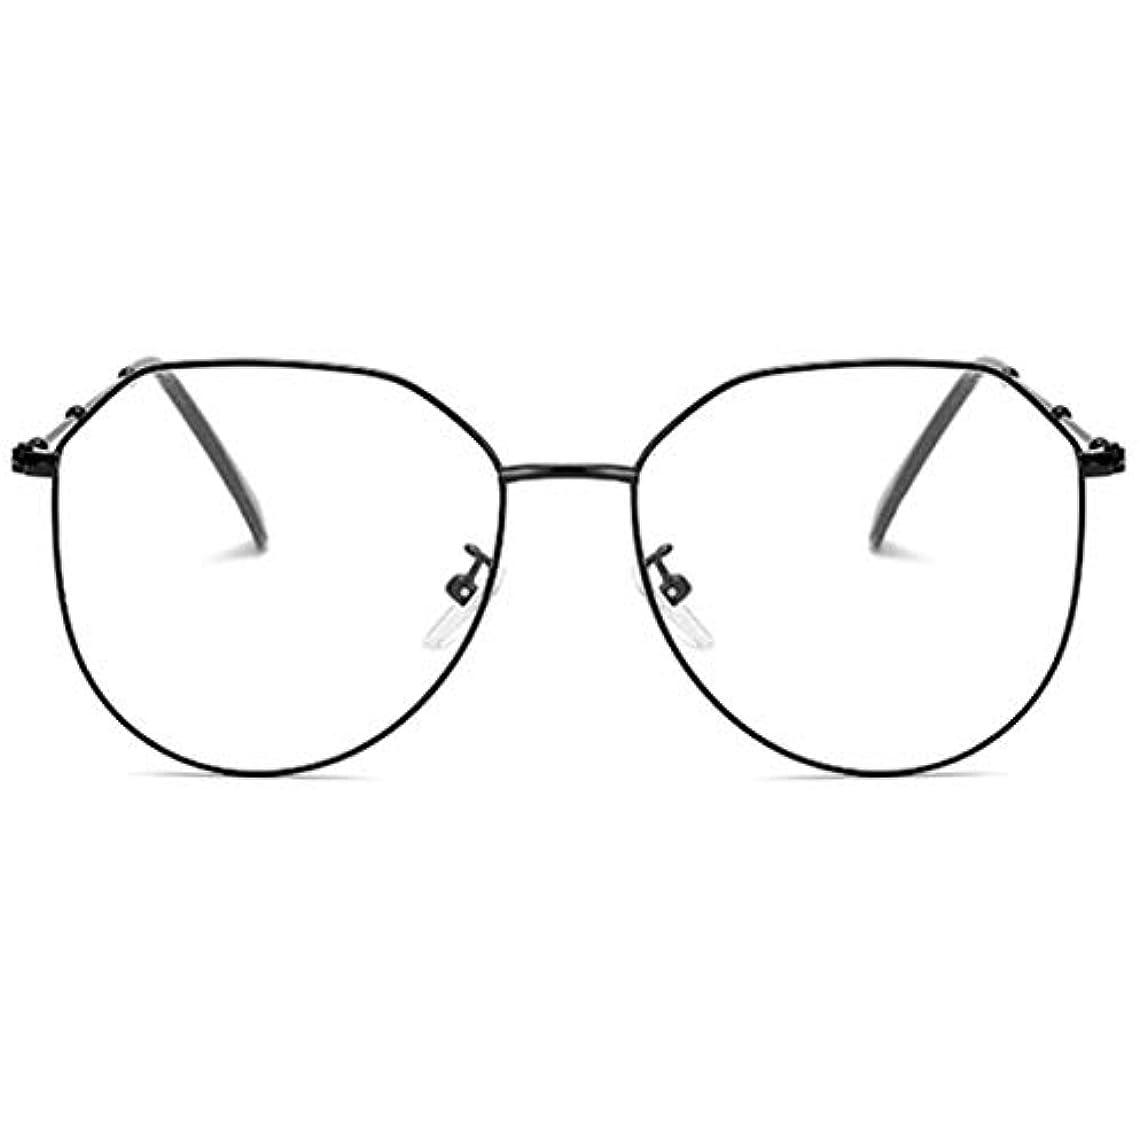 コイルモニカ製造放射線防護アンチブルーライト男性女性メガネ軽量金属フレームプレーンミラーレンズアイウェアメガネ-ブラック